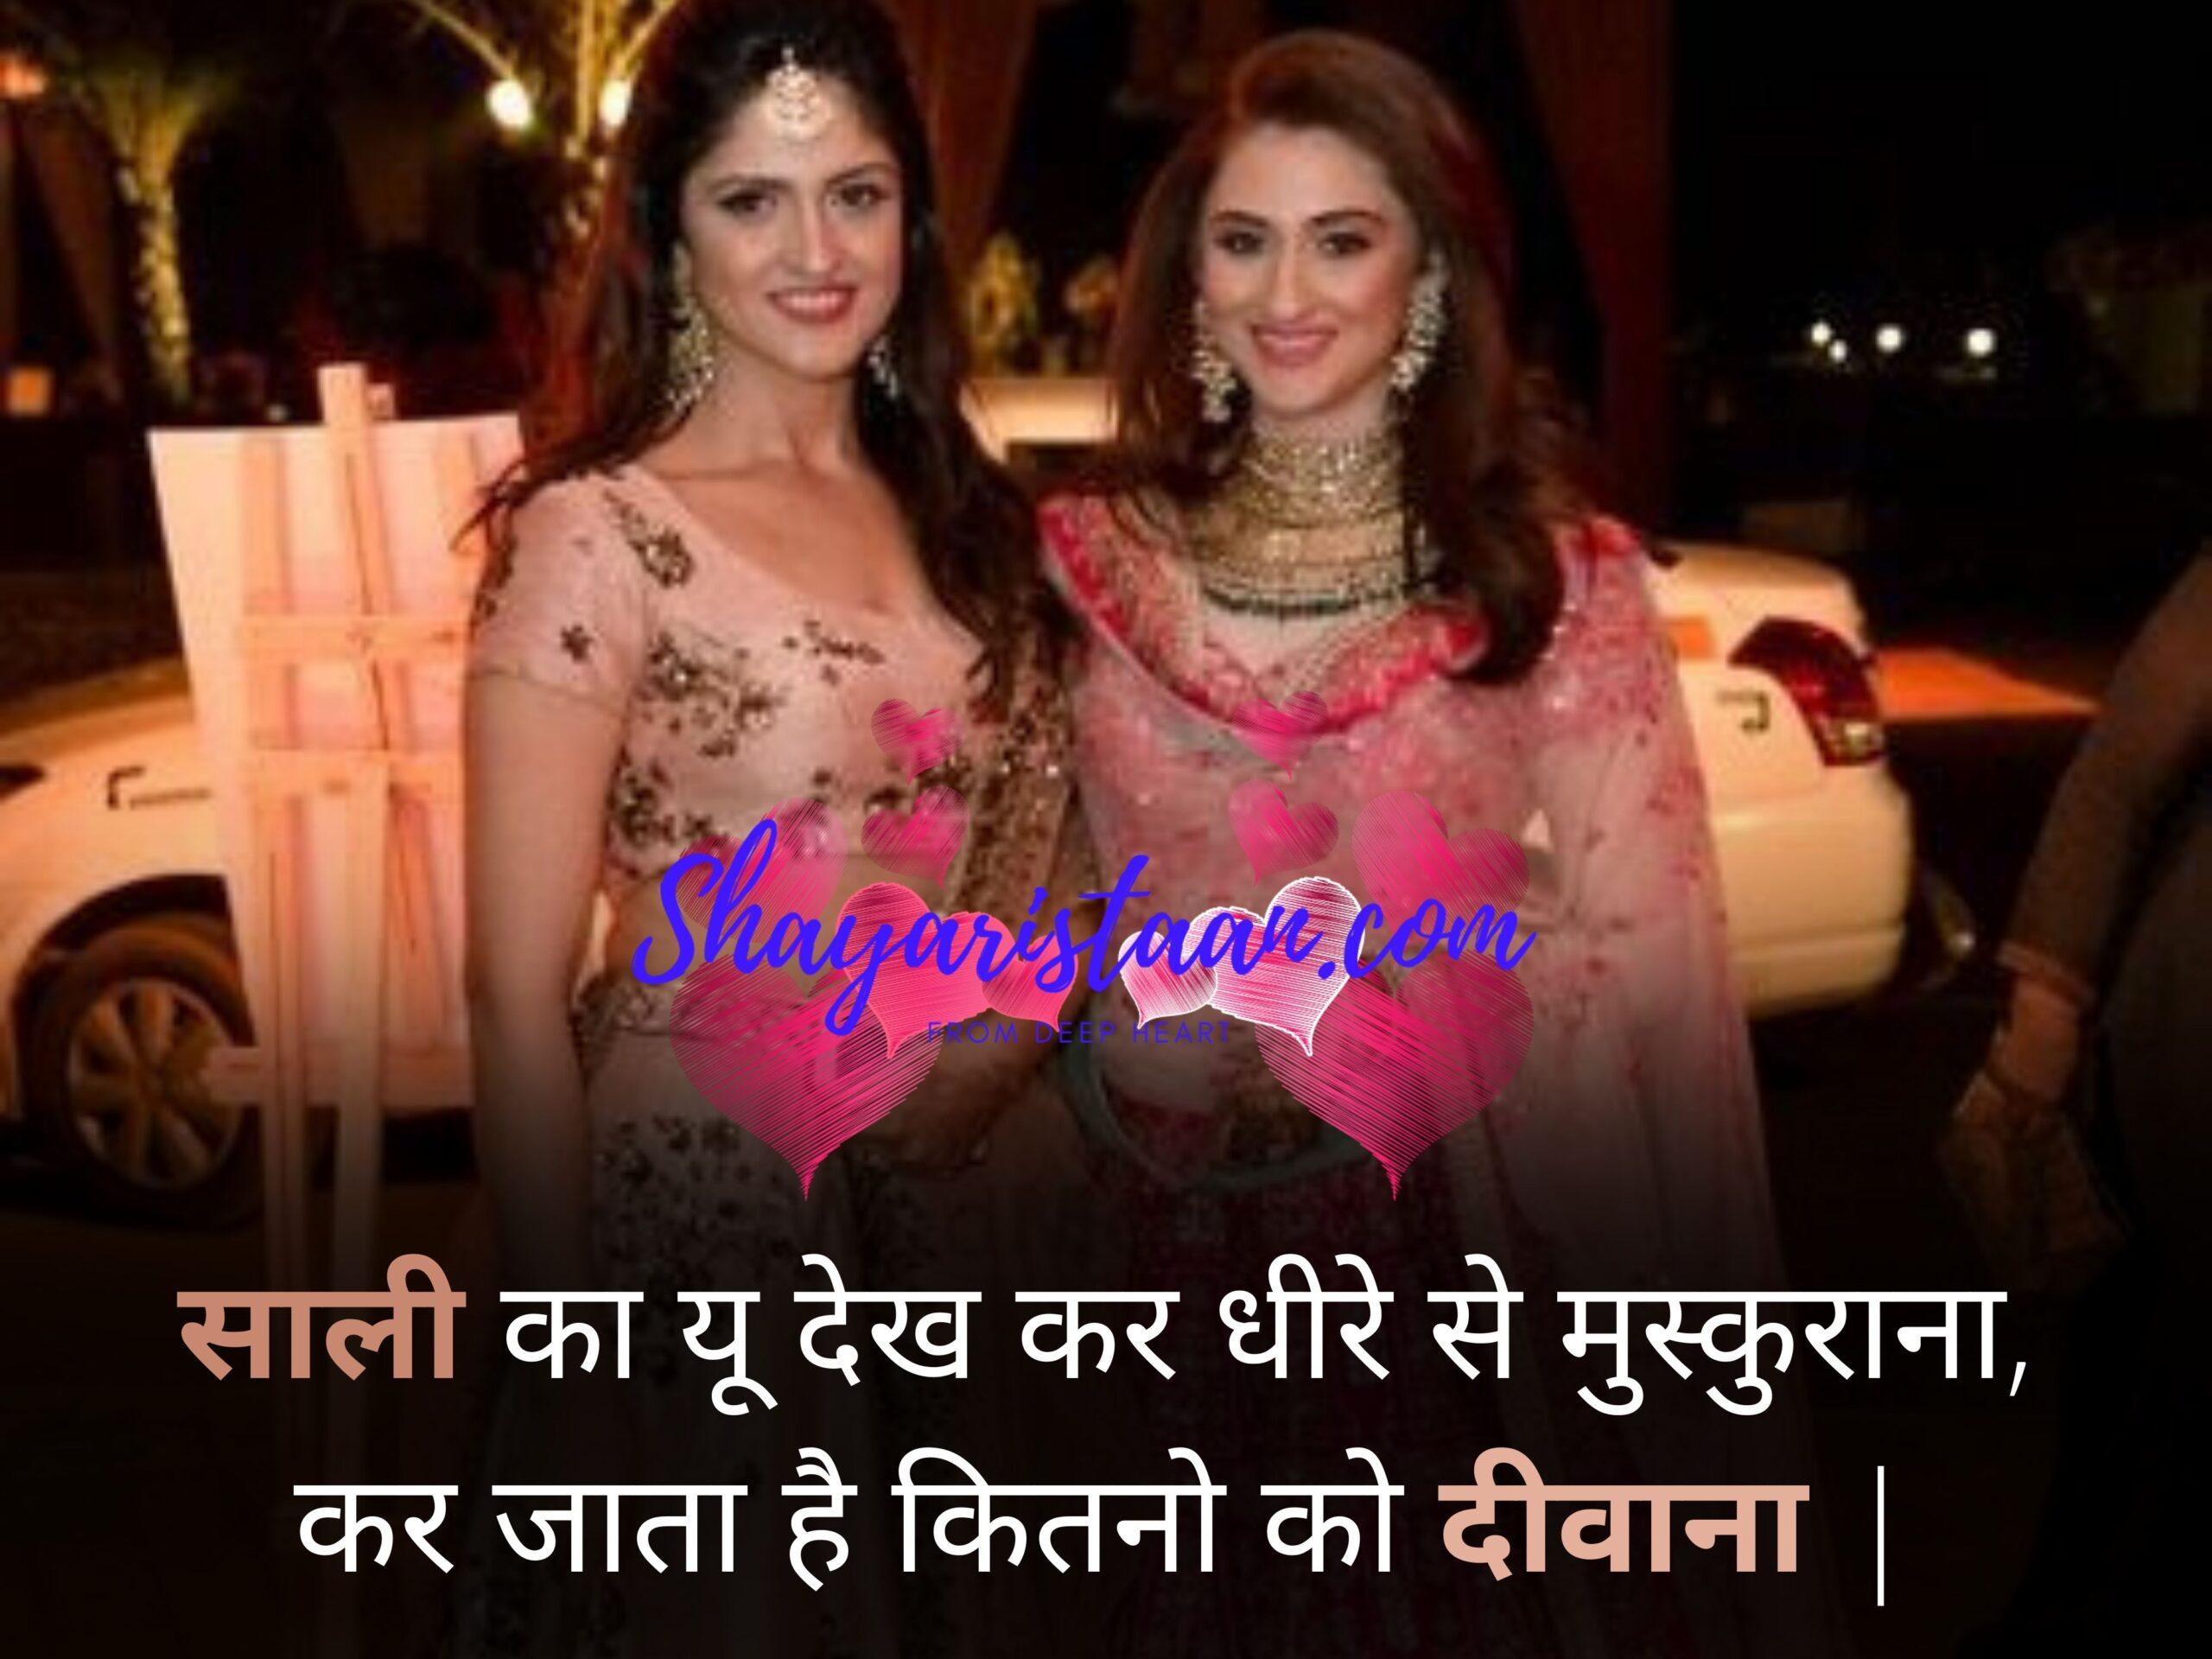 jija sali hindi shayari   साली का यू देख कर धीरे से मुस्कुराना, कर जाता है कितनो को दीवाना  